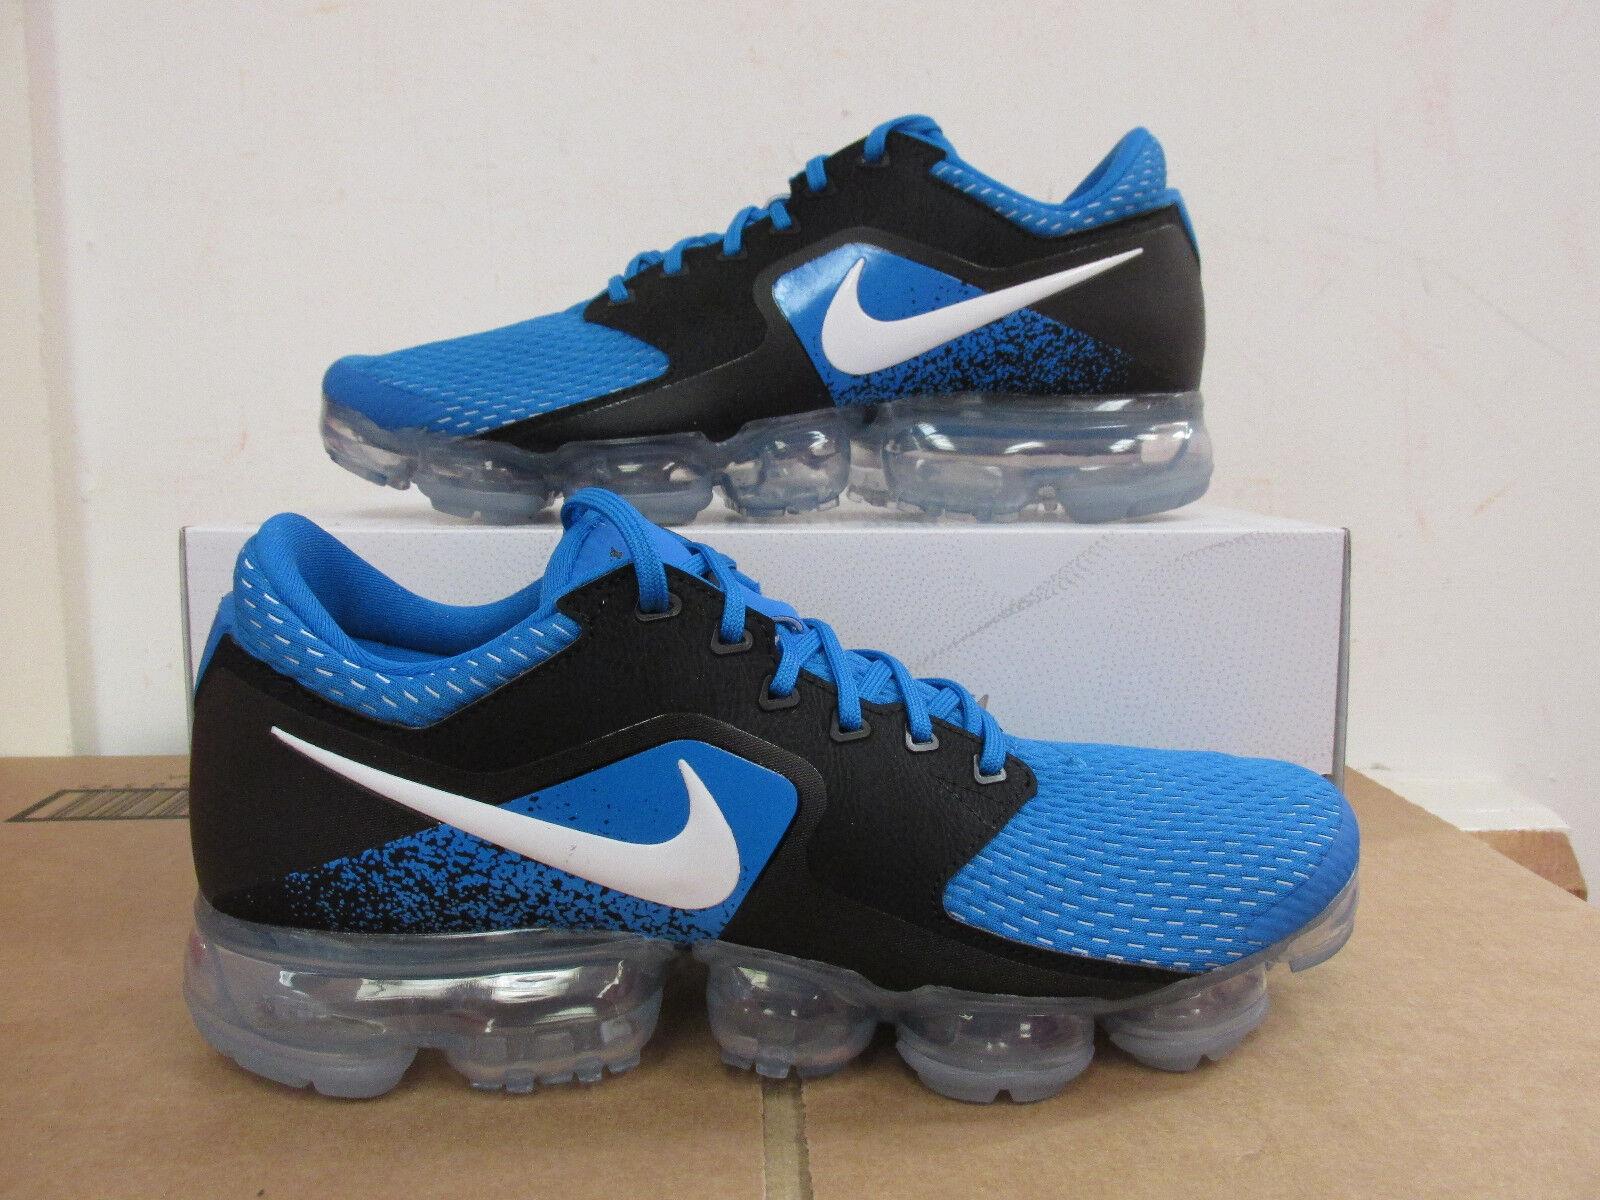 Nike Air Vapormax Course Hommes Baskets AH9046 400 Baskets Chaussures Enlèvement